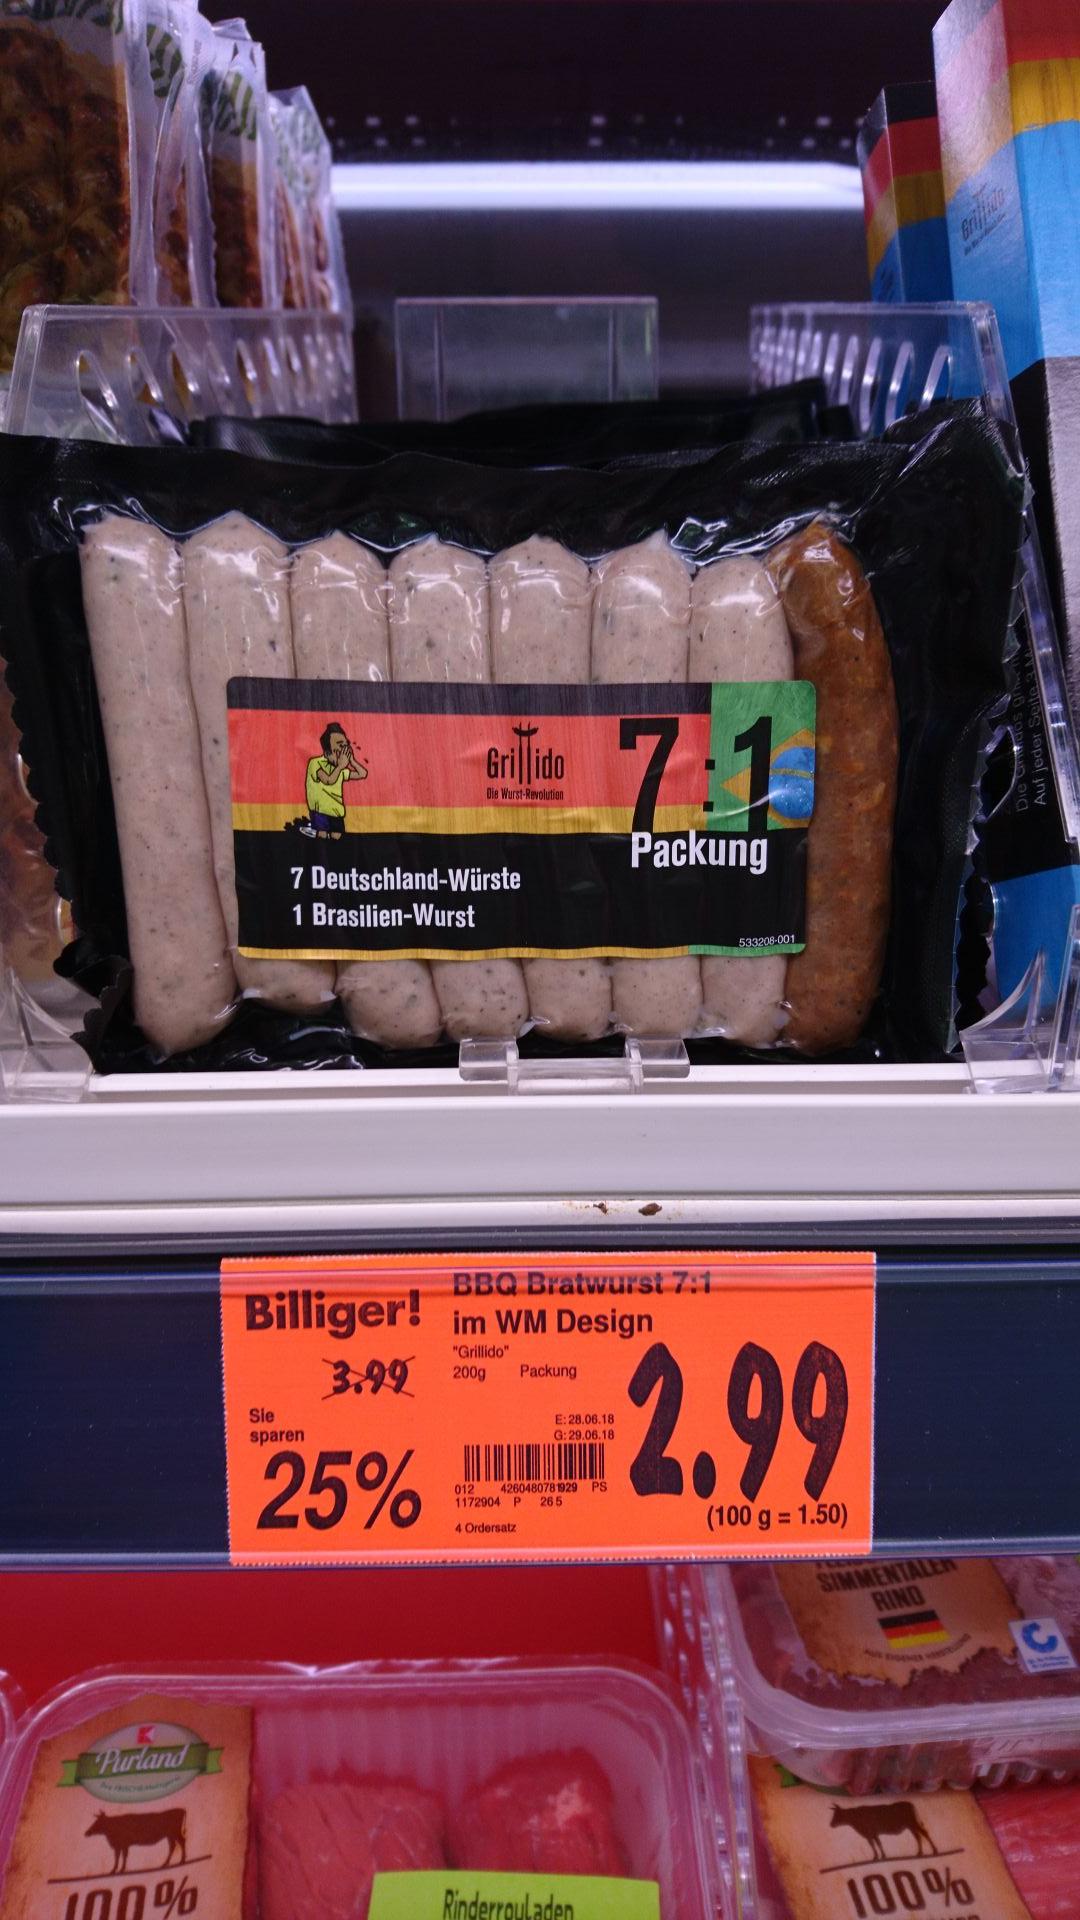 7 : 1 BBQ Bratwurst (Deutschland : Brasilien) im Kaufland (Süd?!)